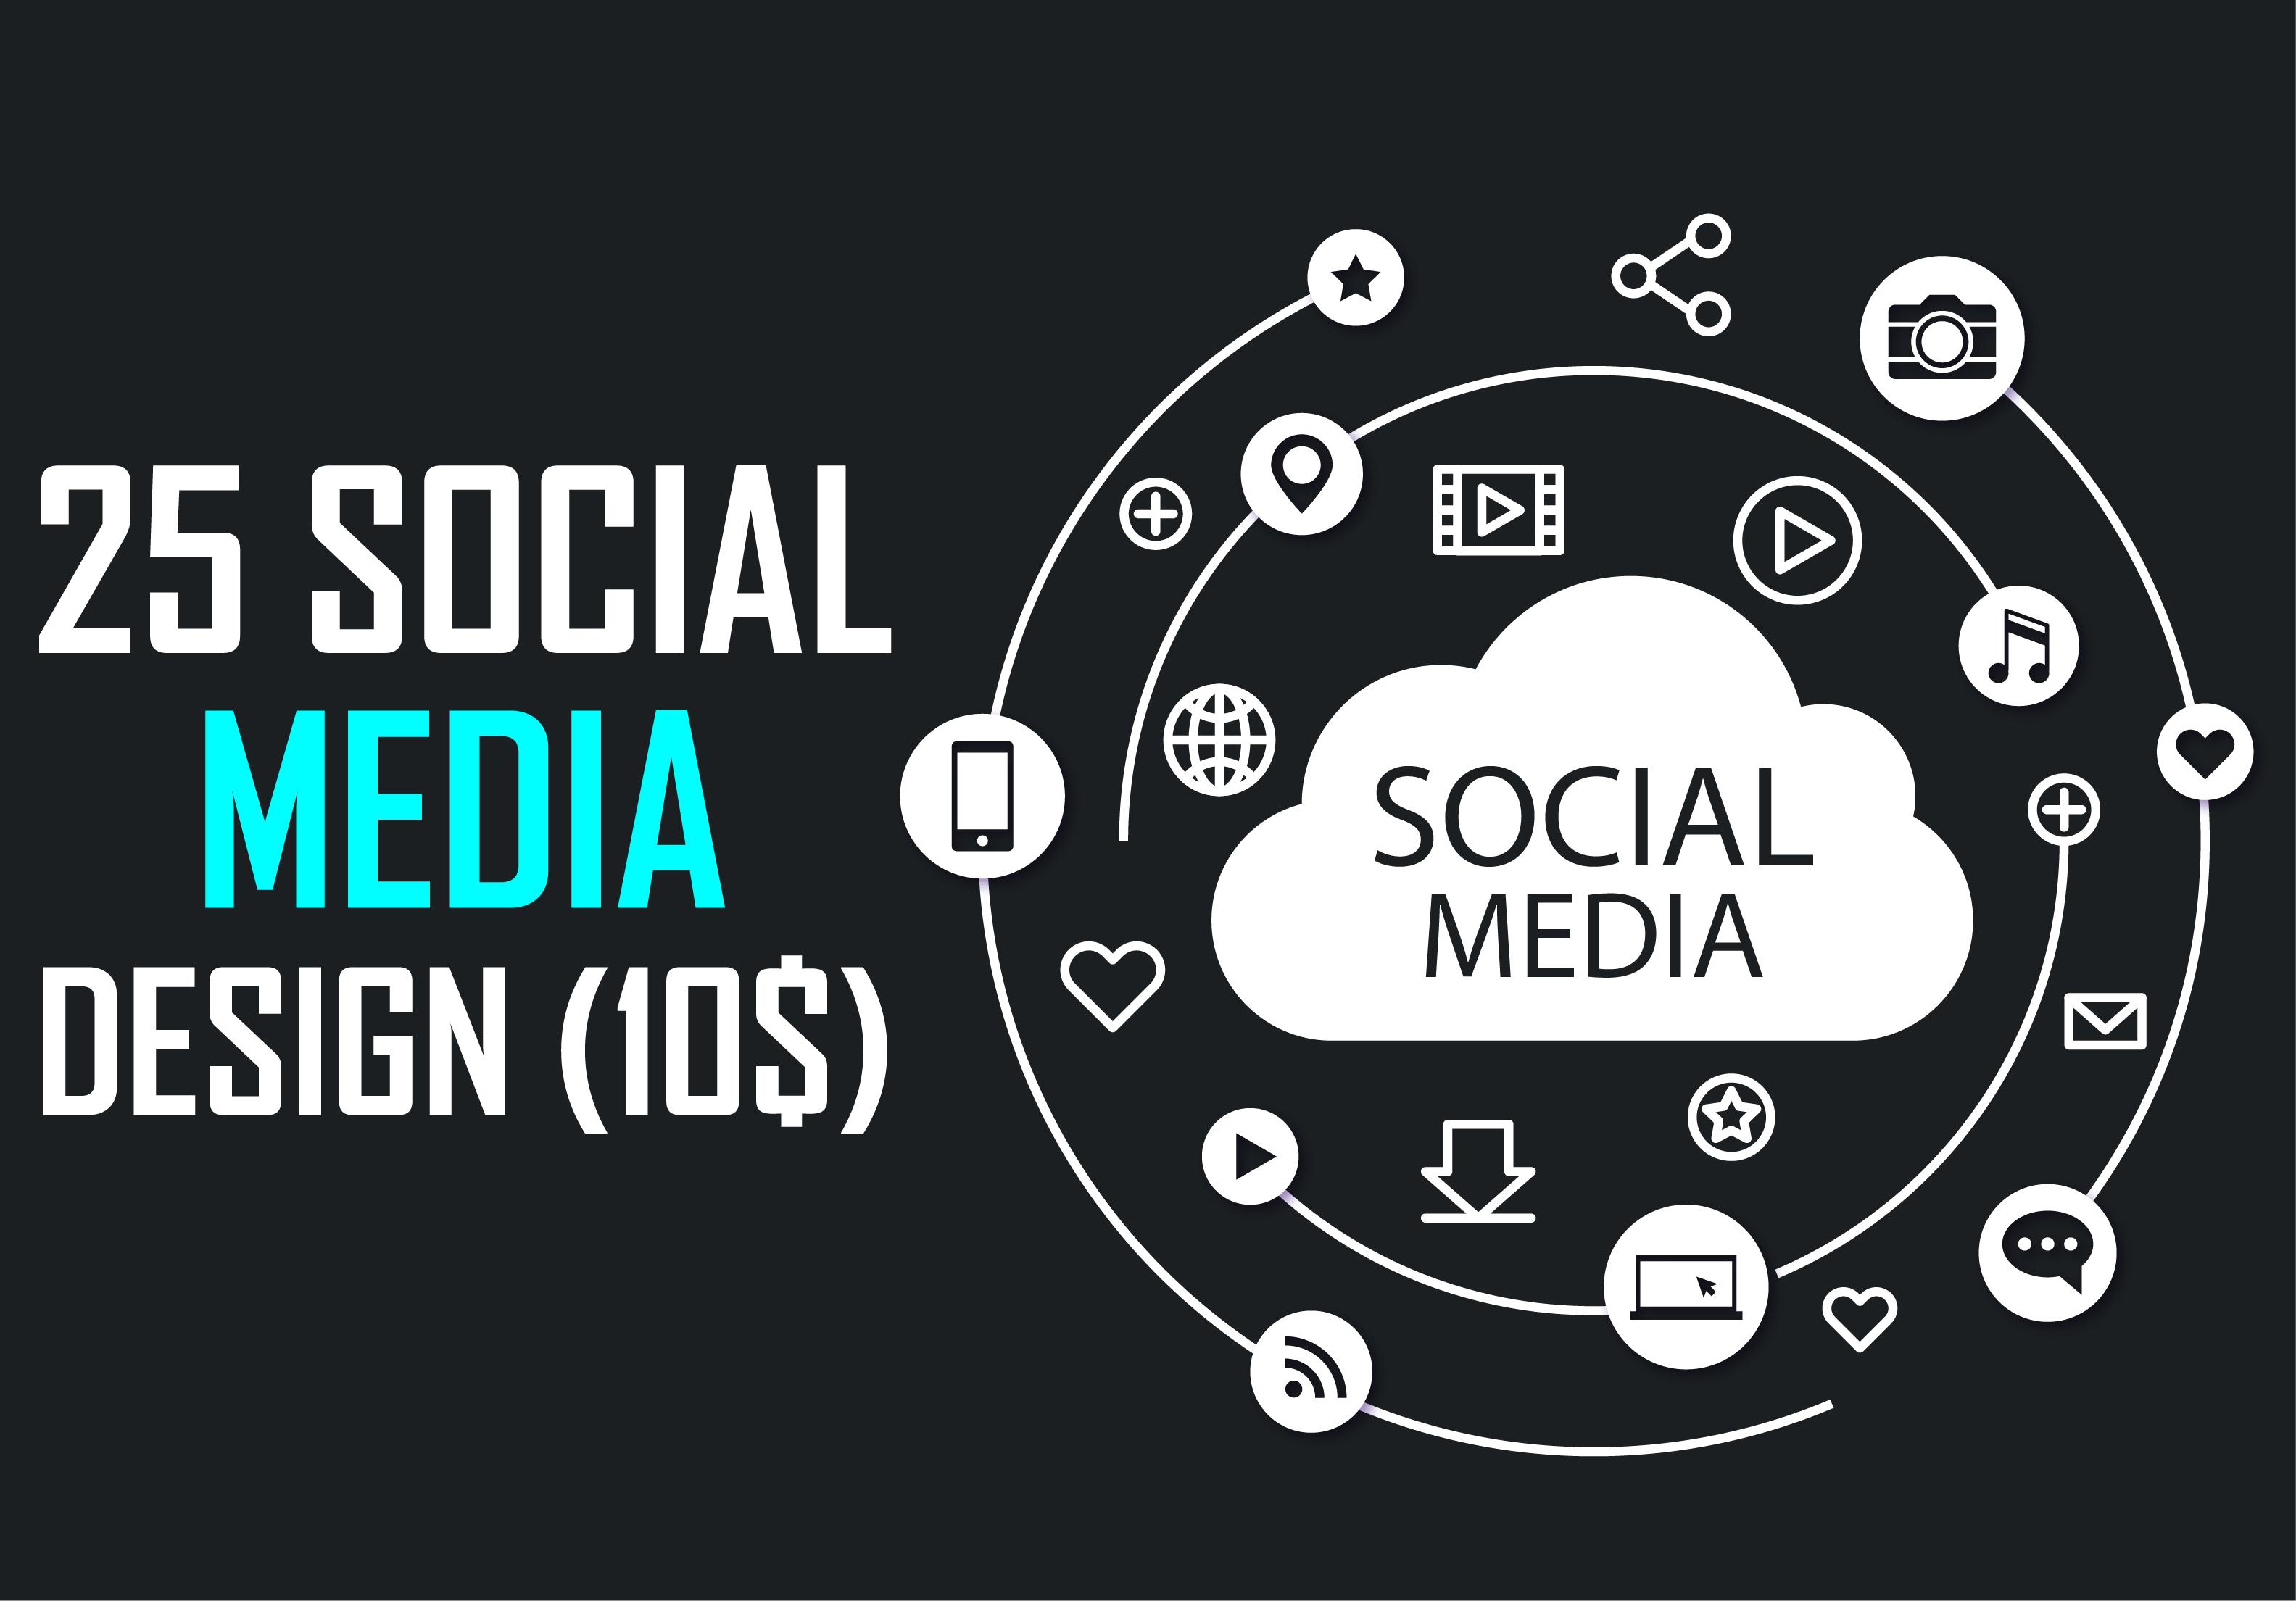 i will create 25 social media design